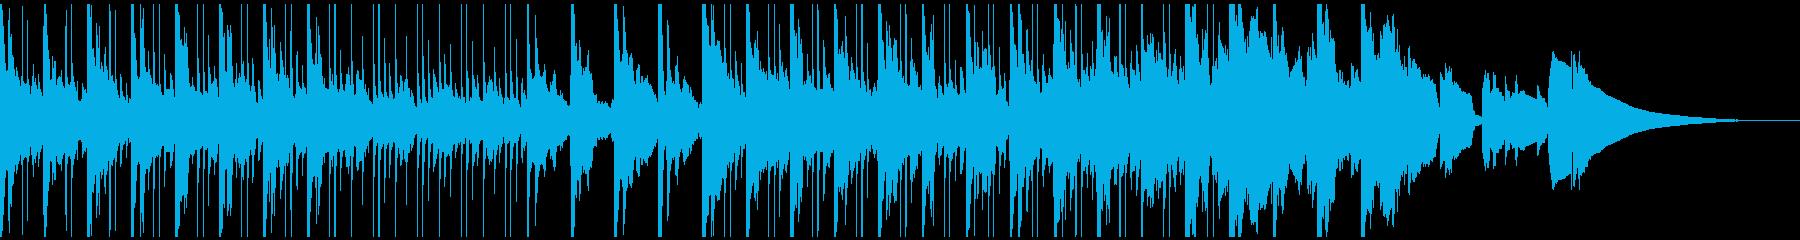 ゆっくりと流れていく感じの再生済みの波形